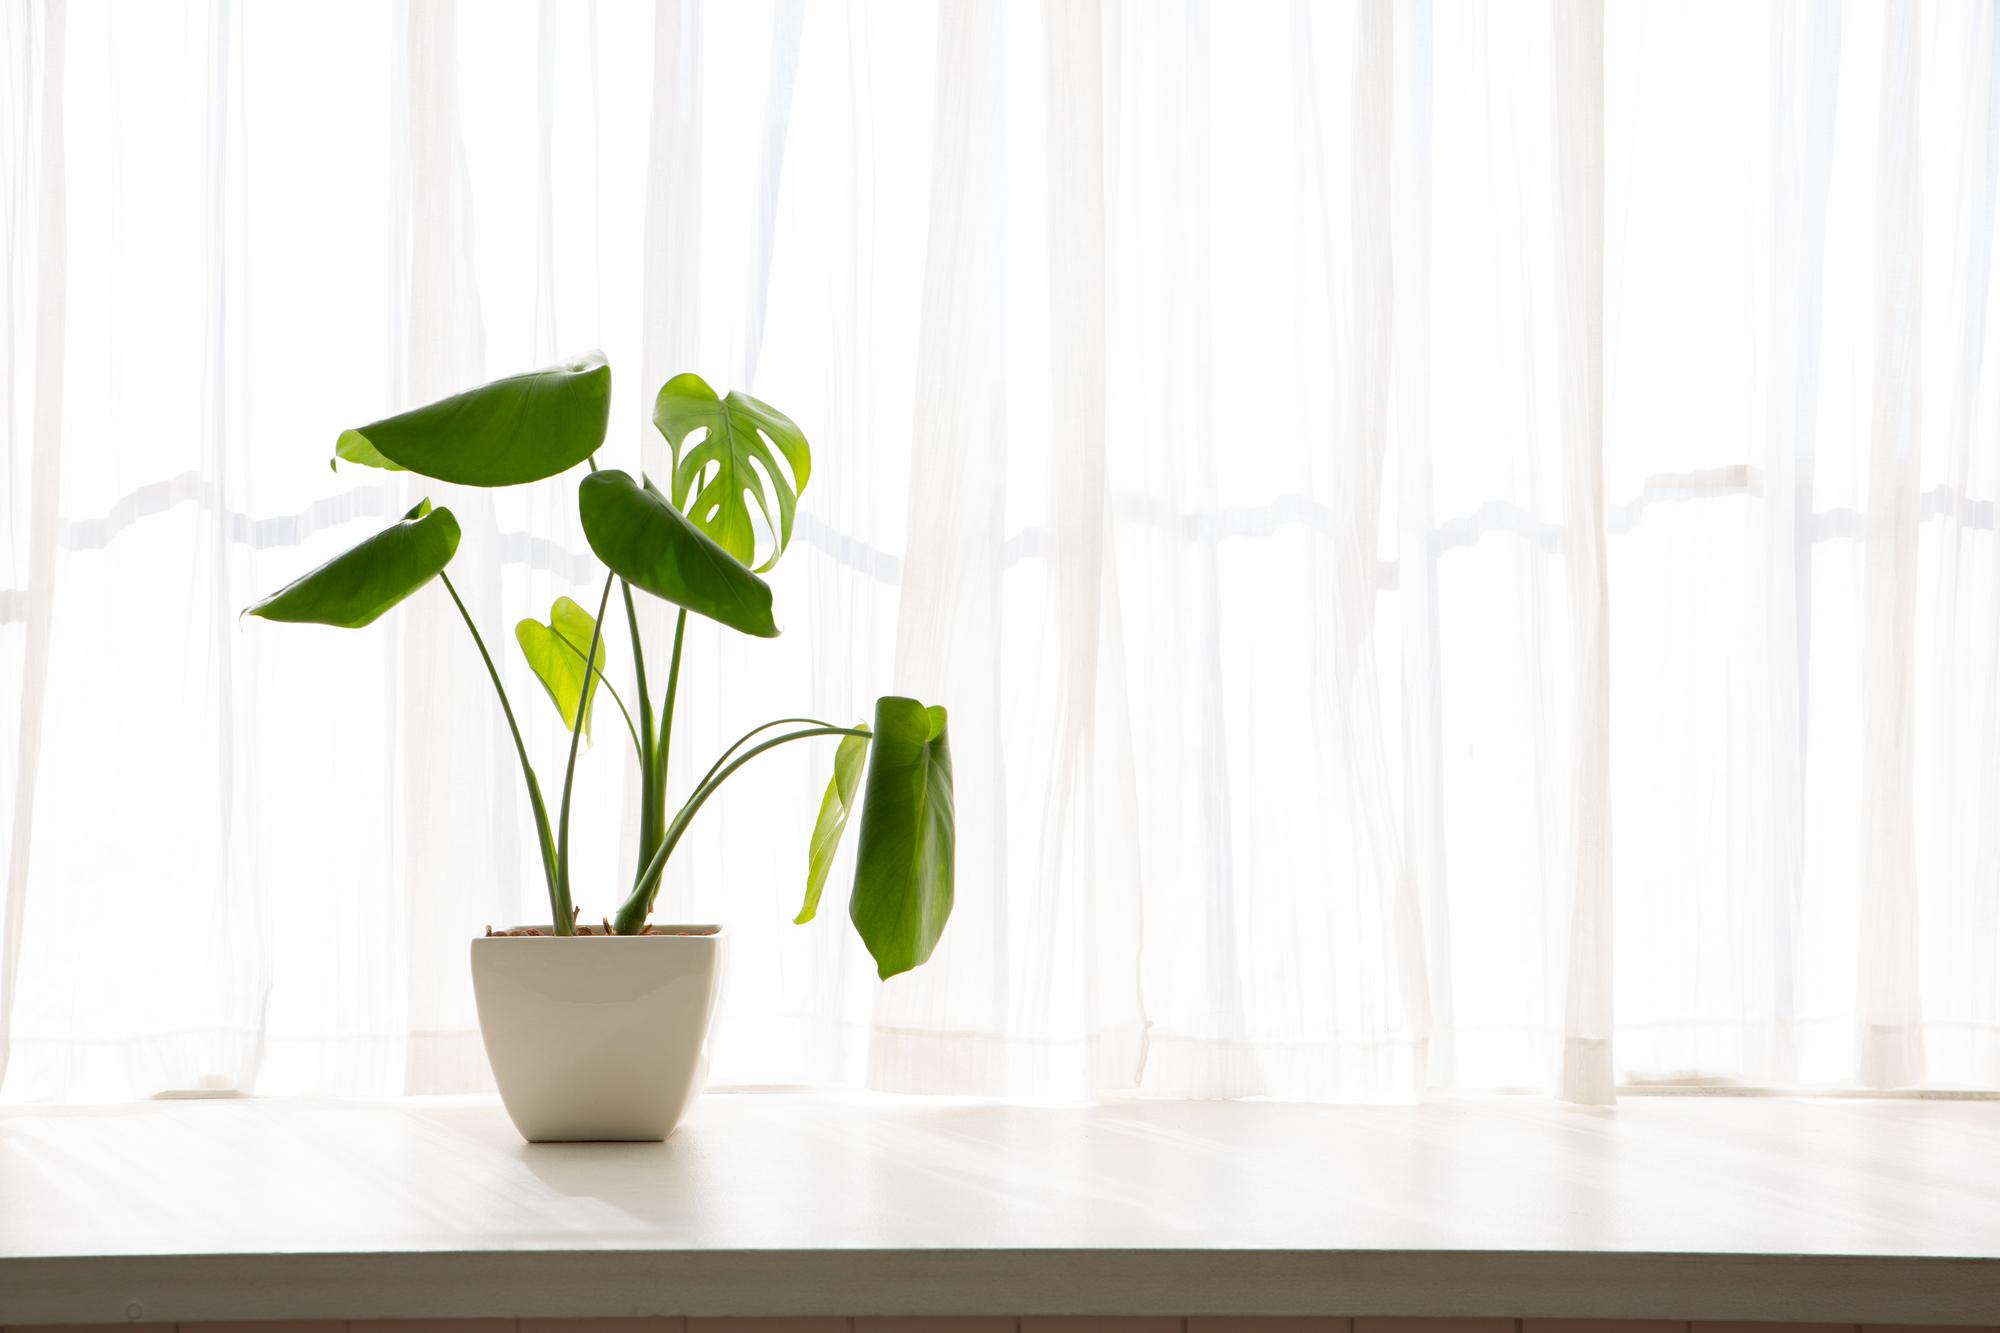 南国を思わせる、ボタニカル柄の中でも代表的な葉っぱを持つ、モンステラ。「モンステラ」といっても、20~40ほどの種類があるので、好みの葉を選ぶと良いでしょう。